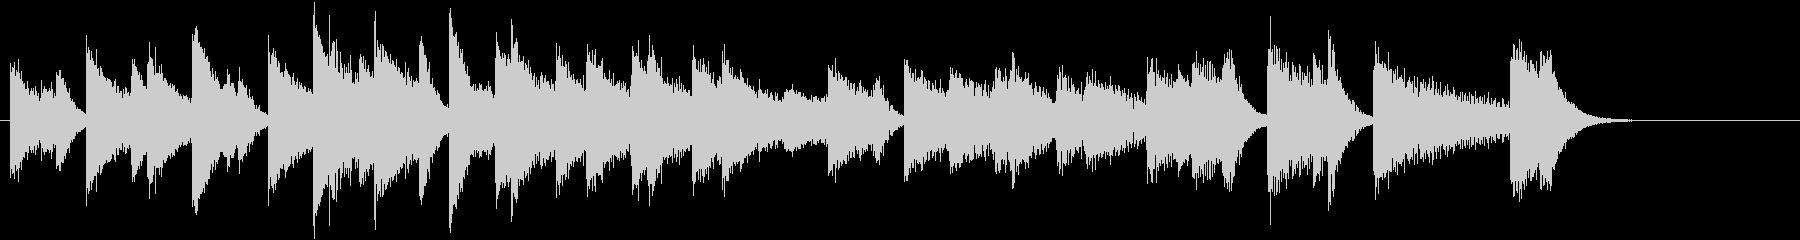 ひいらぎかざろうモチーフピアノジングルFの未再生の波形